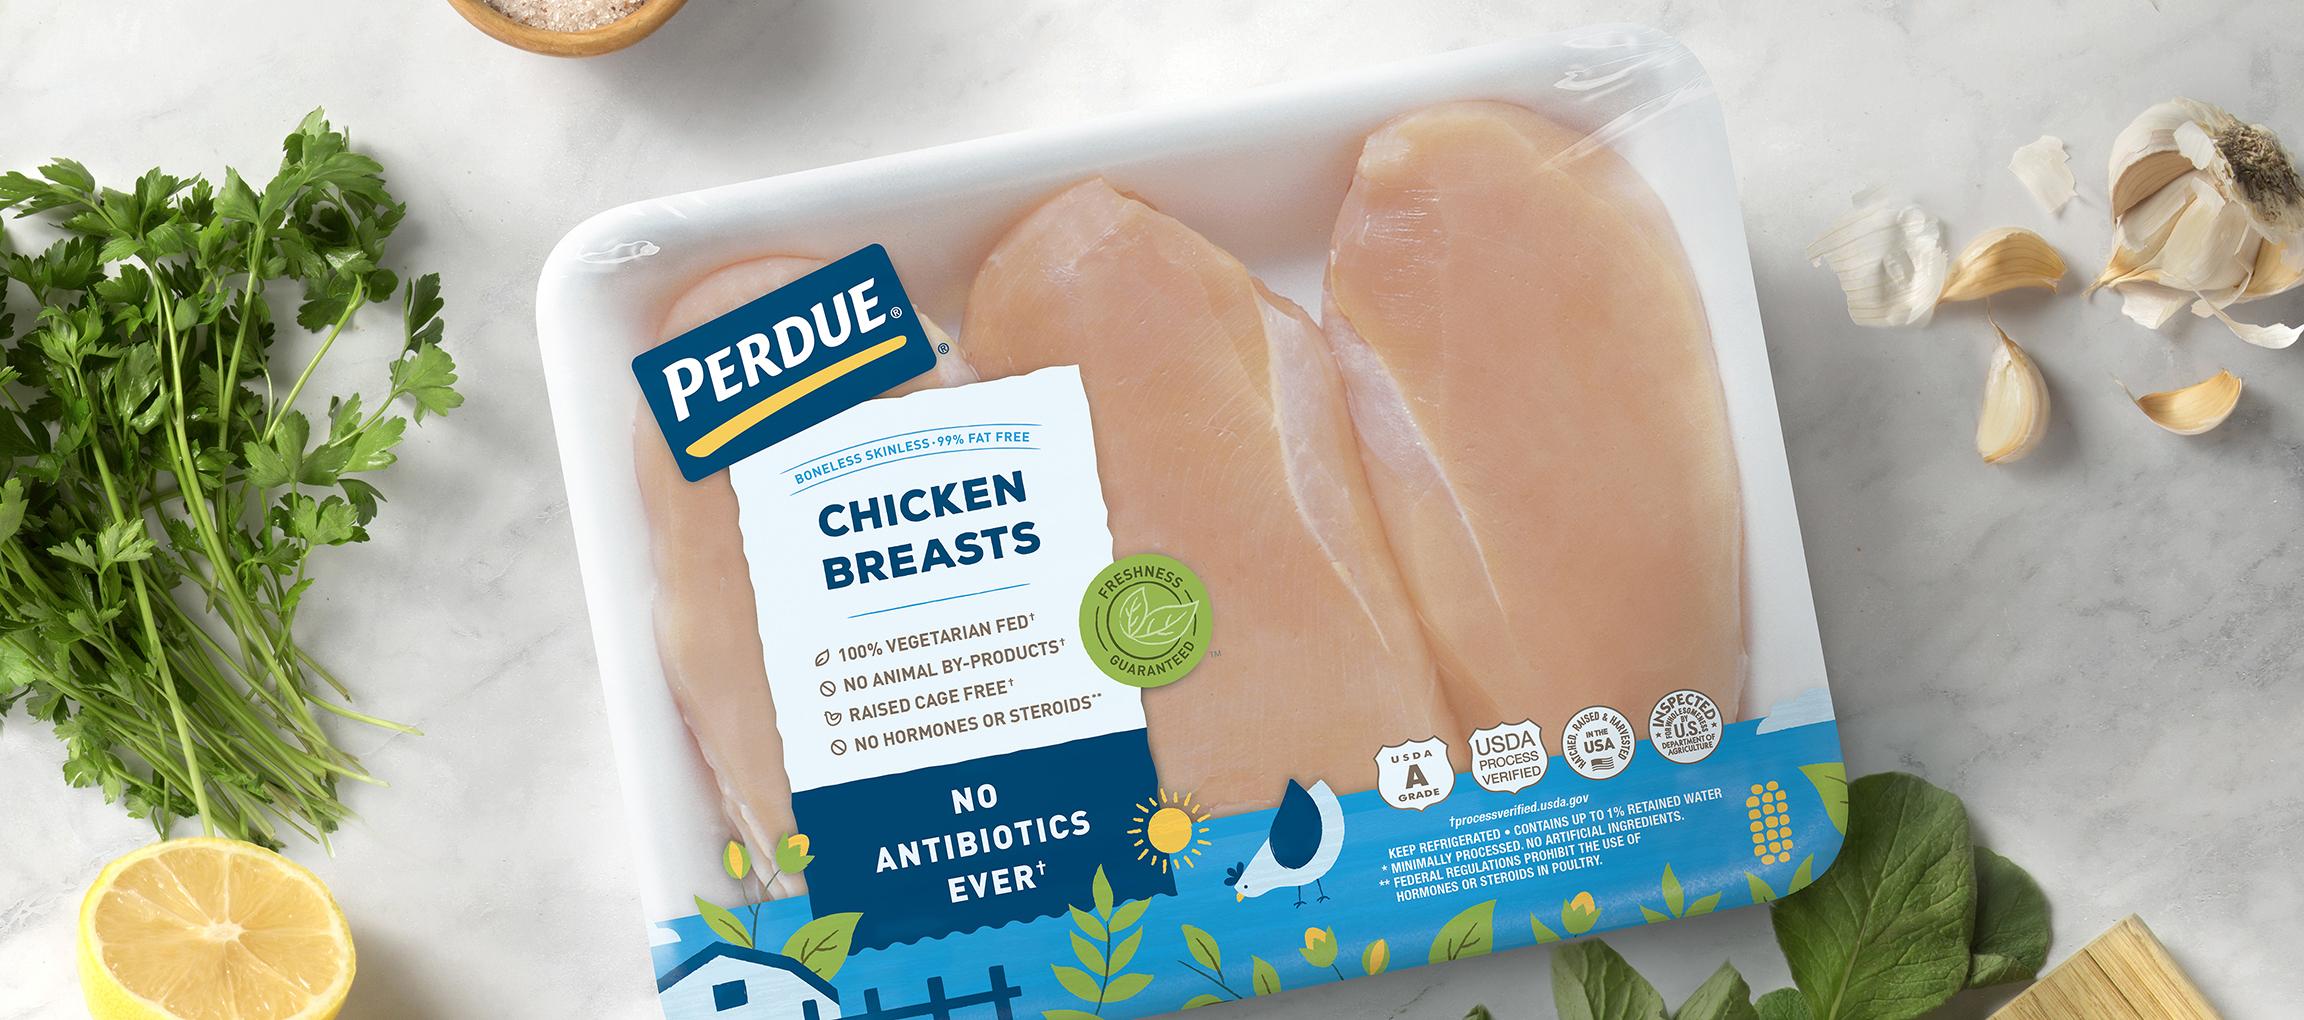 Perdue chicken packaging chicken breast